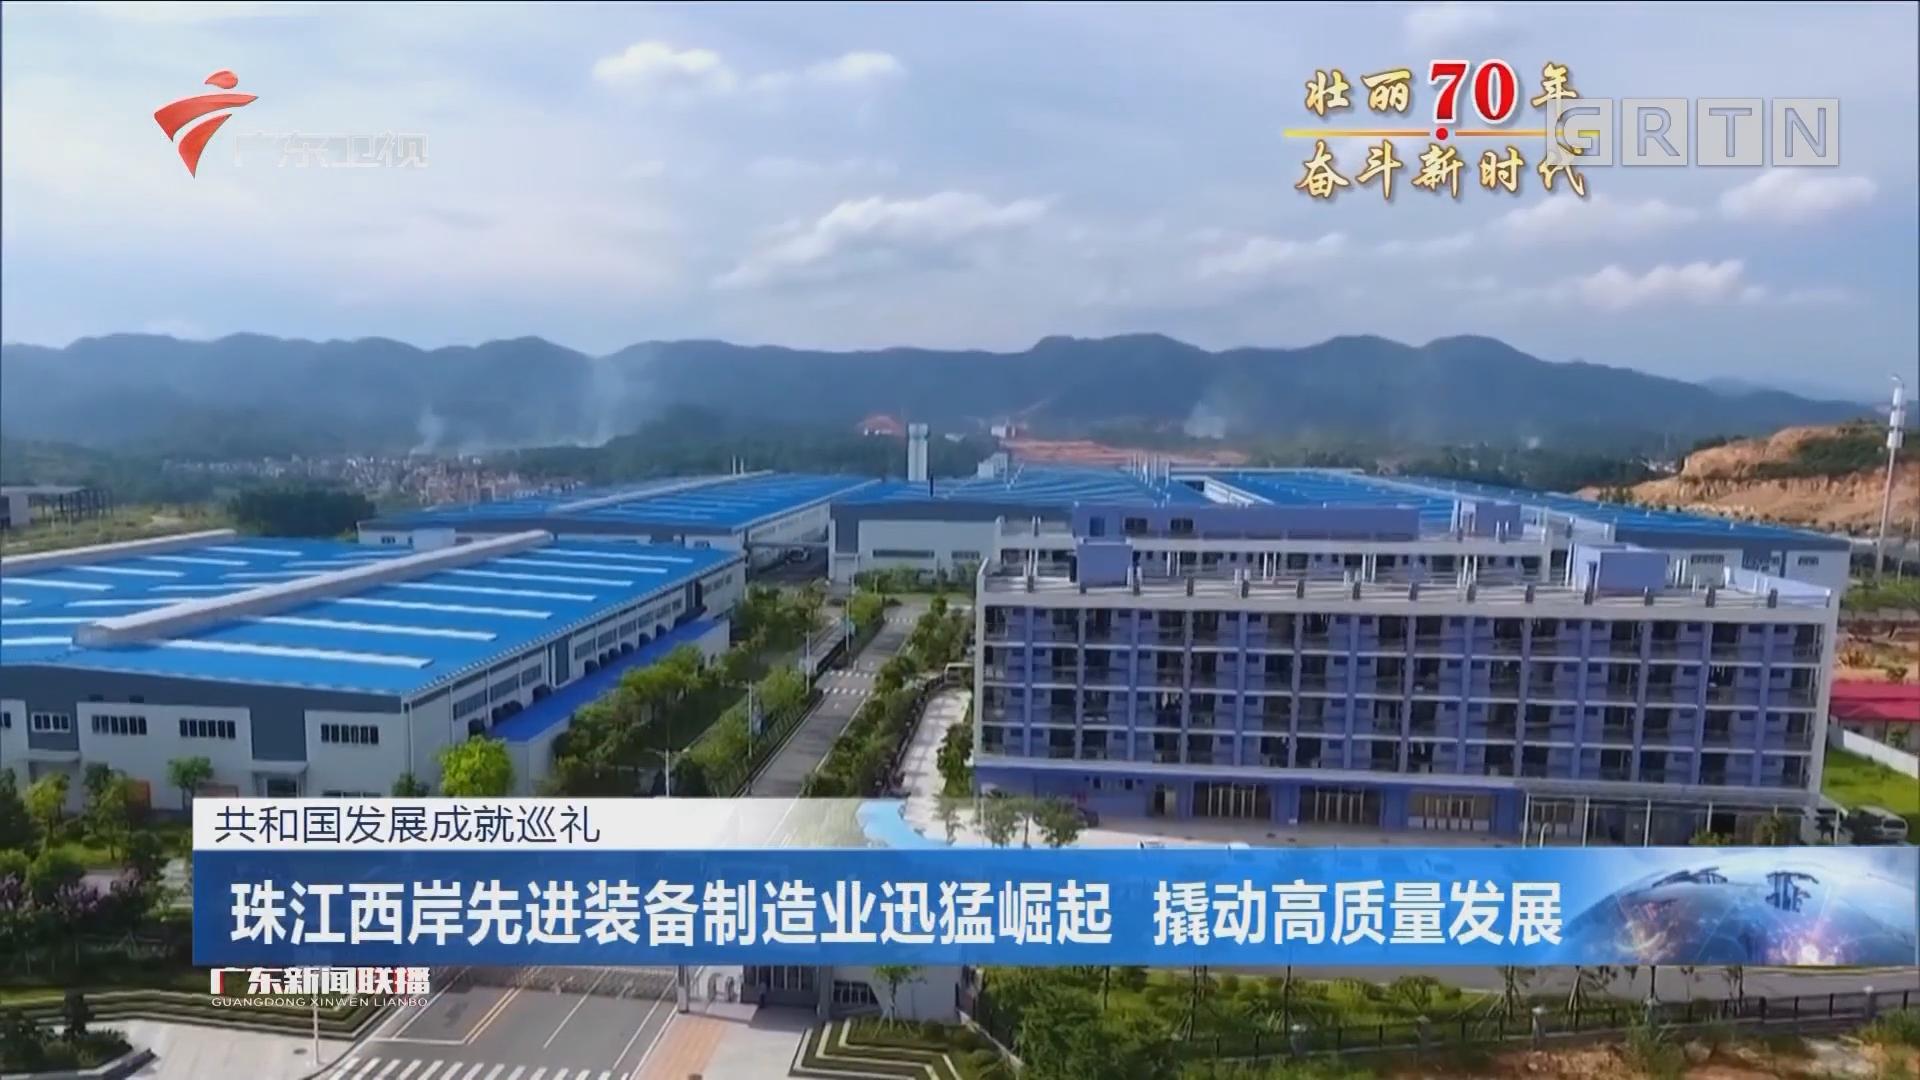 共和国发展成就巡礼:珠江西岸先进装备制造业迅猛崛起 撬动高质量发展